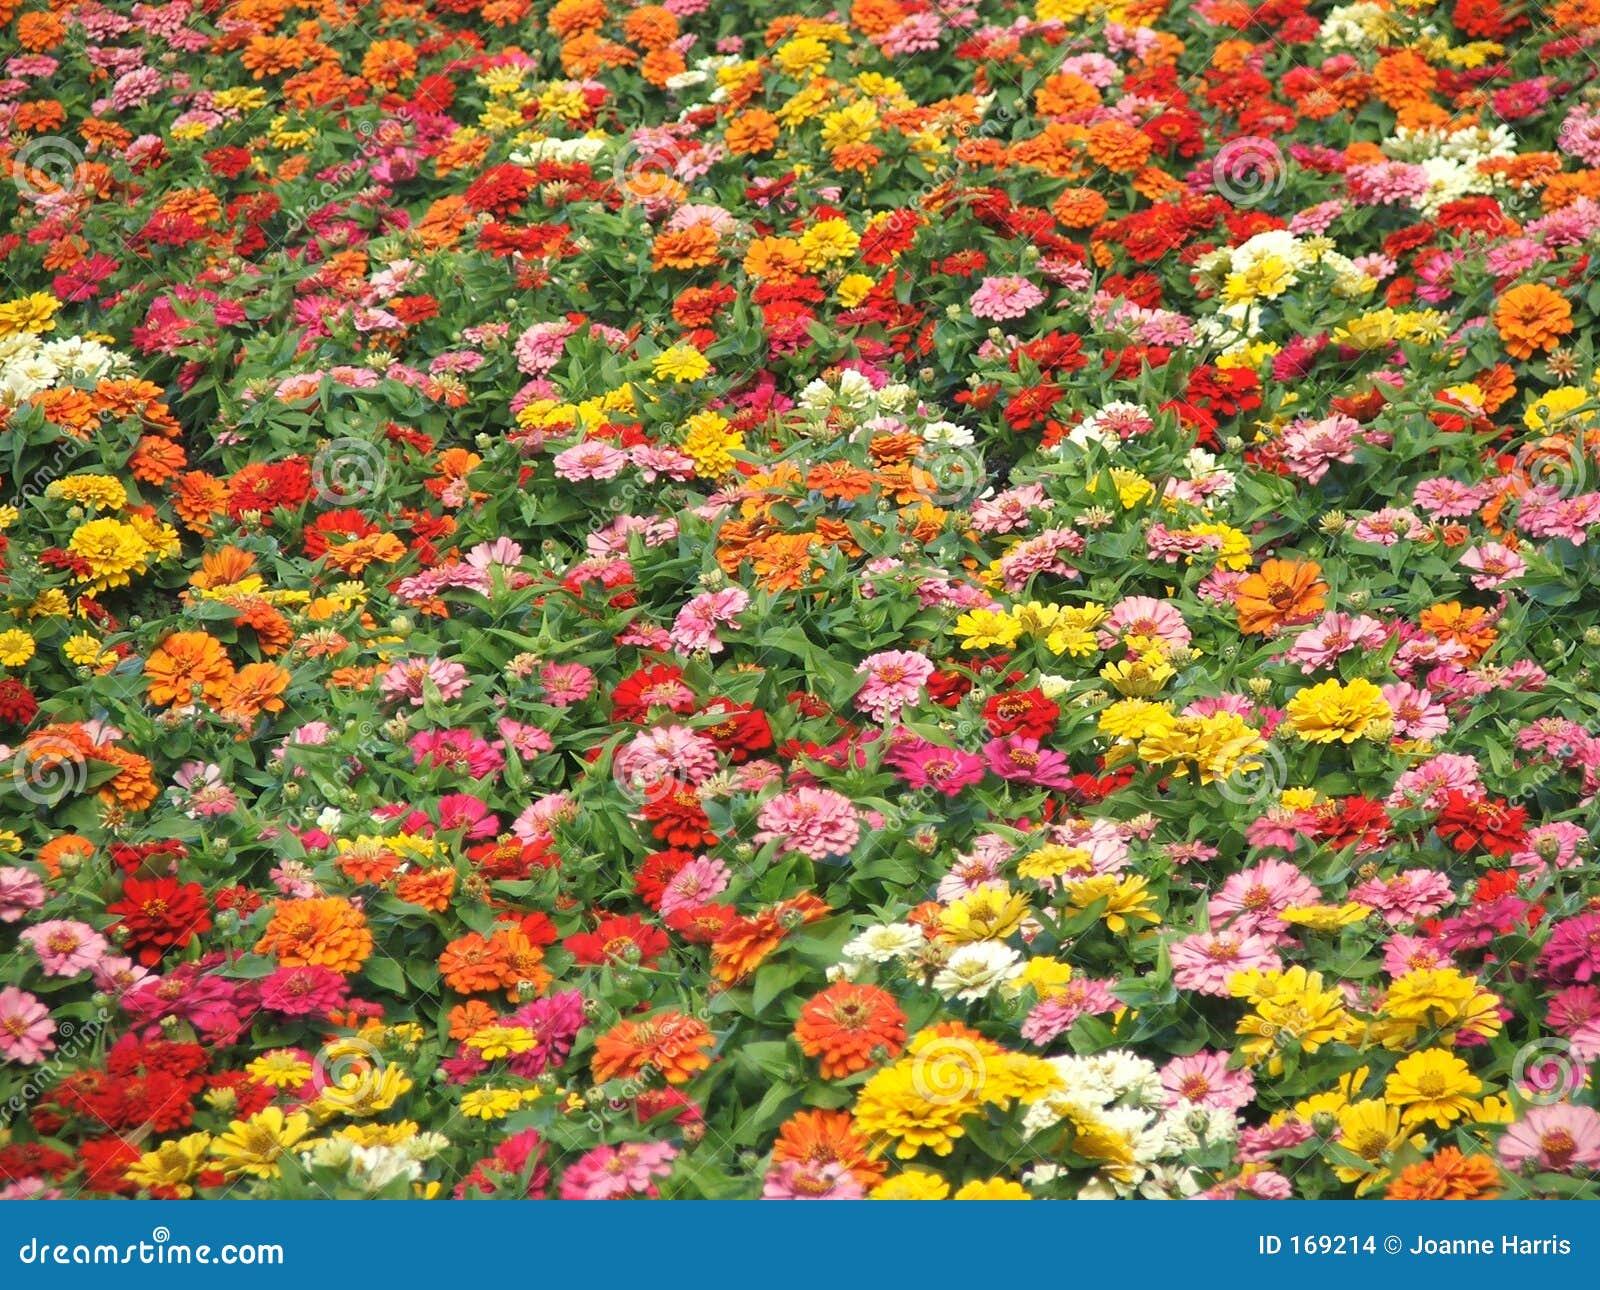 Flowers - autumn colours